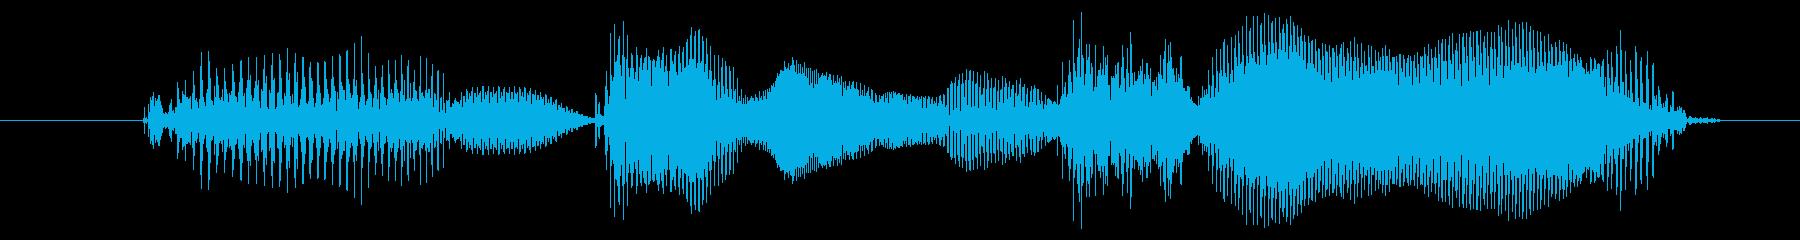 がんばりましょうの再生済みの波形